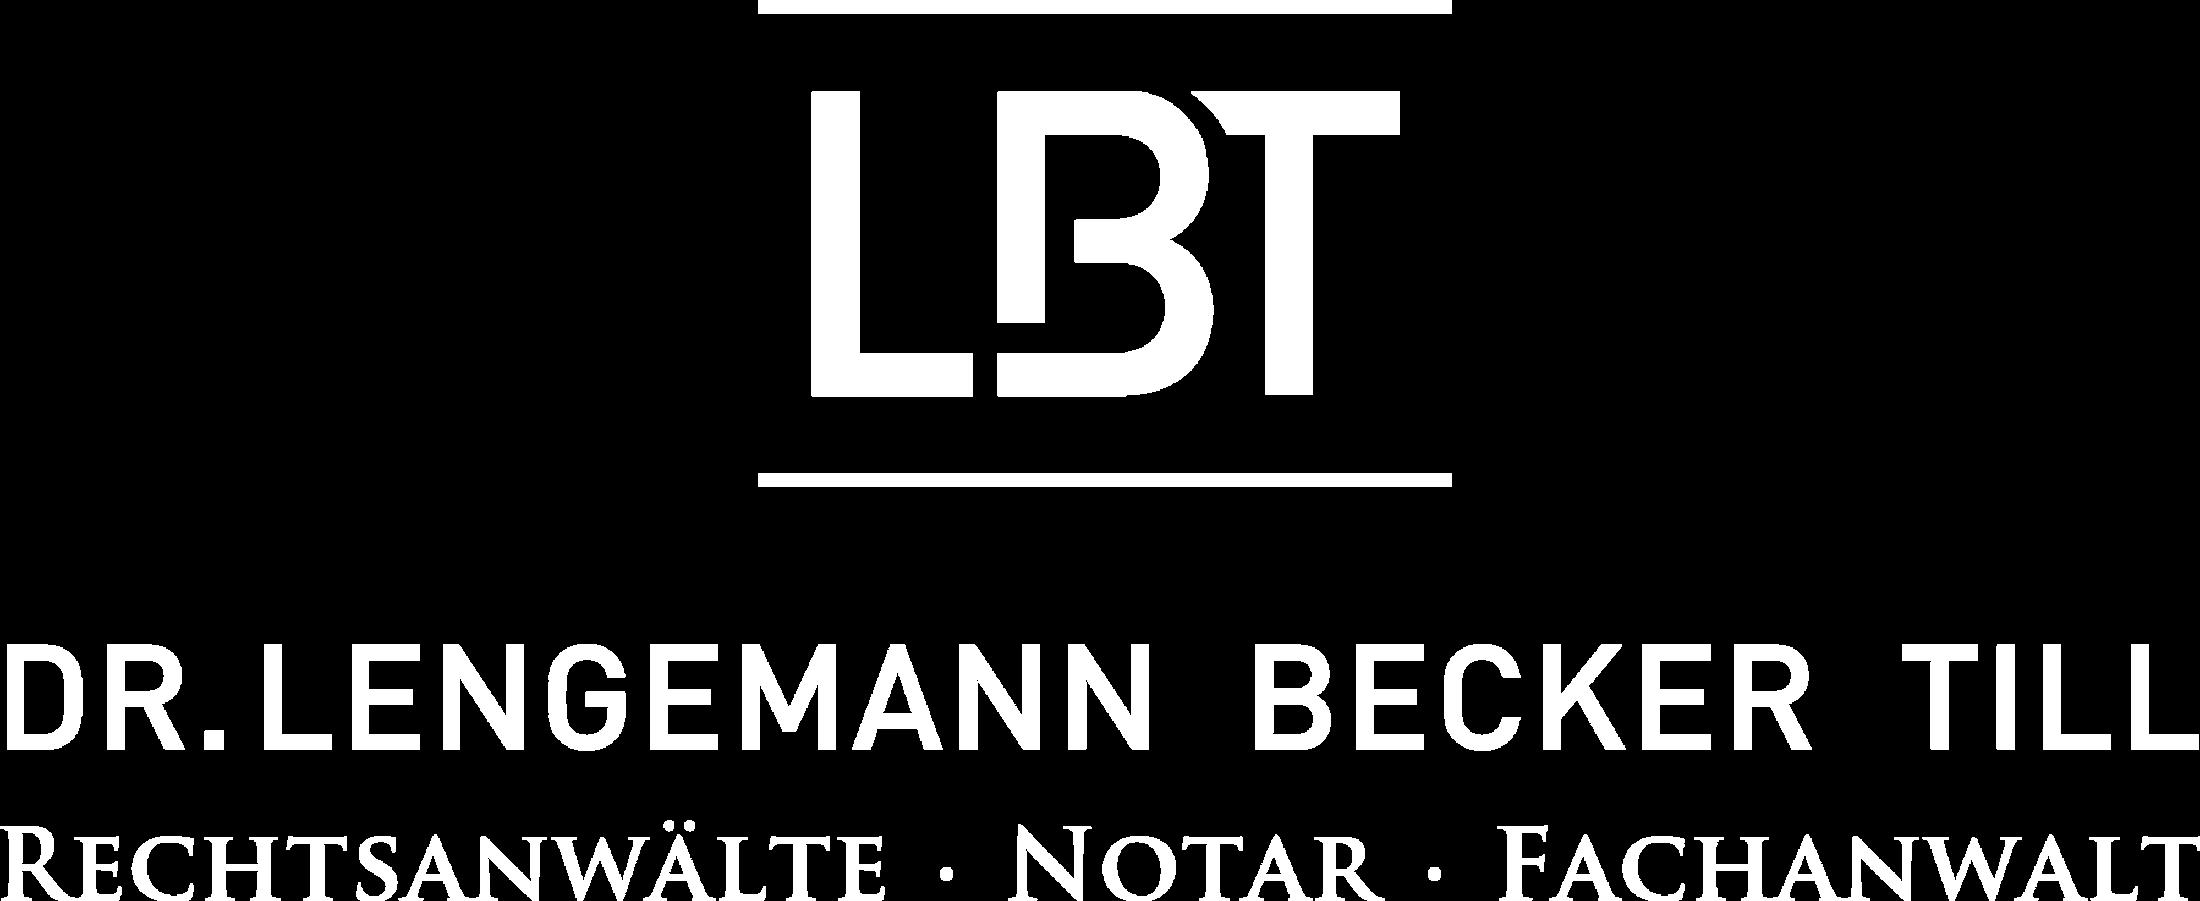 Dr. Lengemann Becker Till Rechtsanwälte und Notar